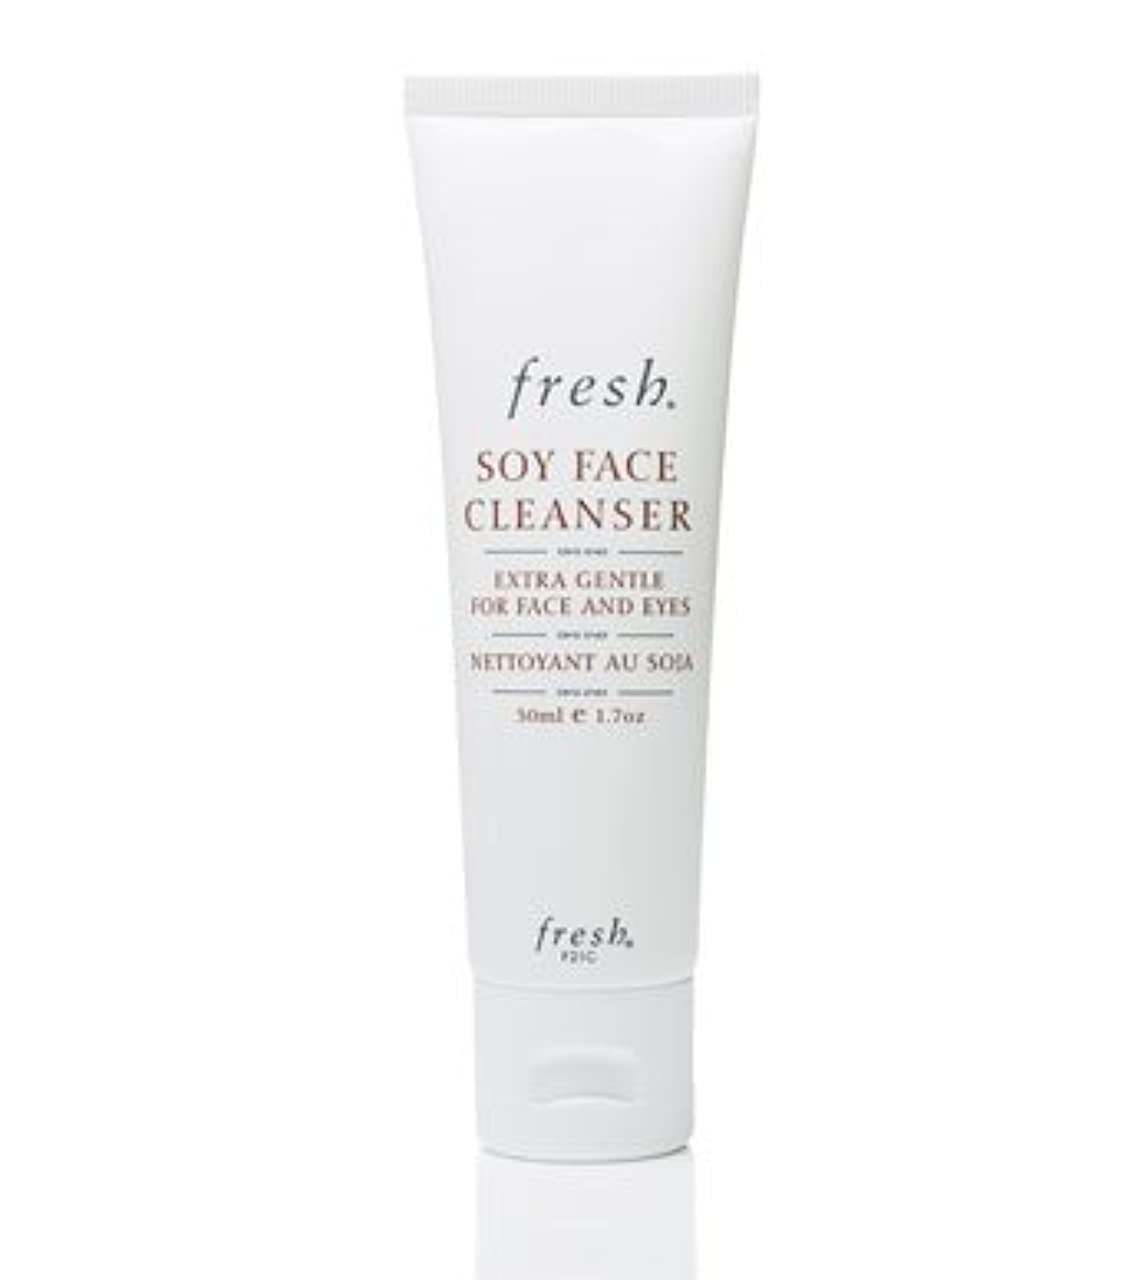 マットレス推論羨望Fresh SOY FACE CREAM (フレッシュ ソイ フェイスクリーム) 1.7 oz (50g) by Fresh for Women